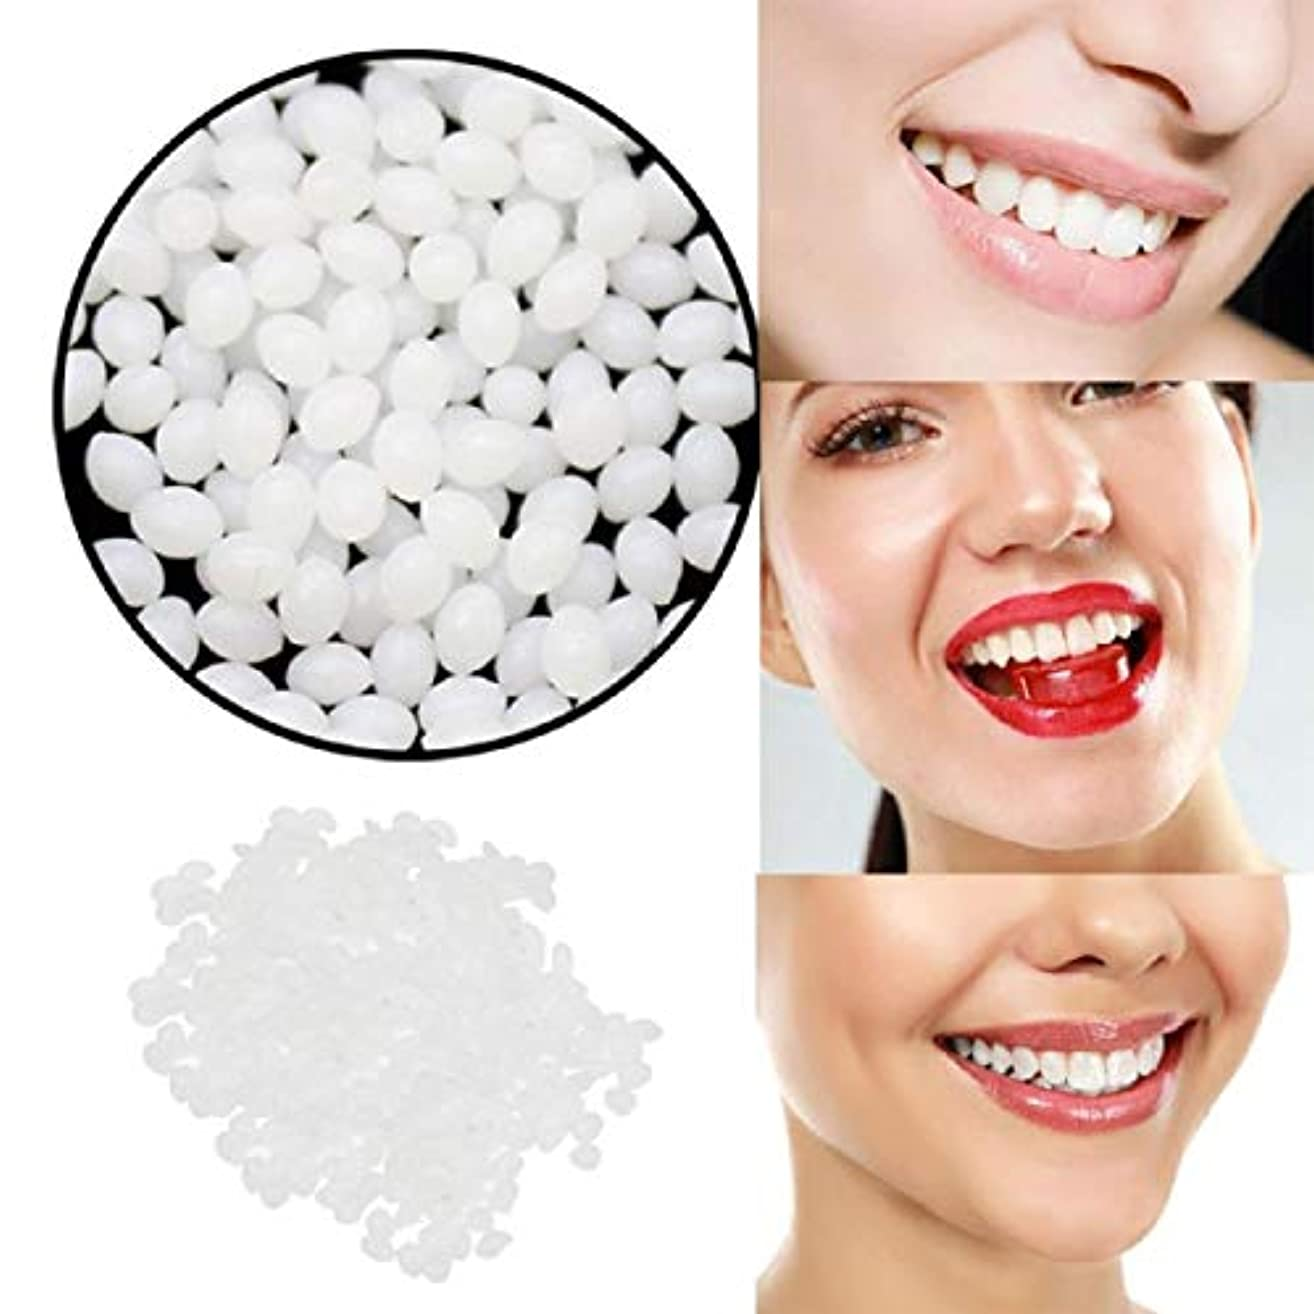 等定説煙Barlingrock一時的な歯の修理歯キットとギャップ 固体接着剤ホワイト義歯接着ツール用女性